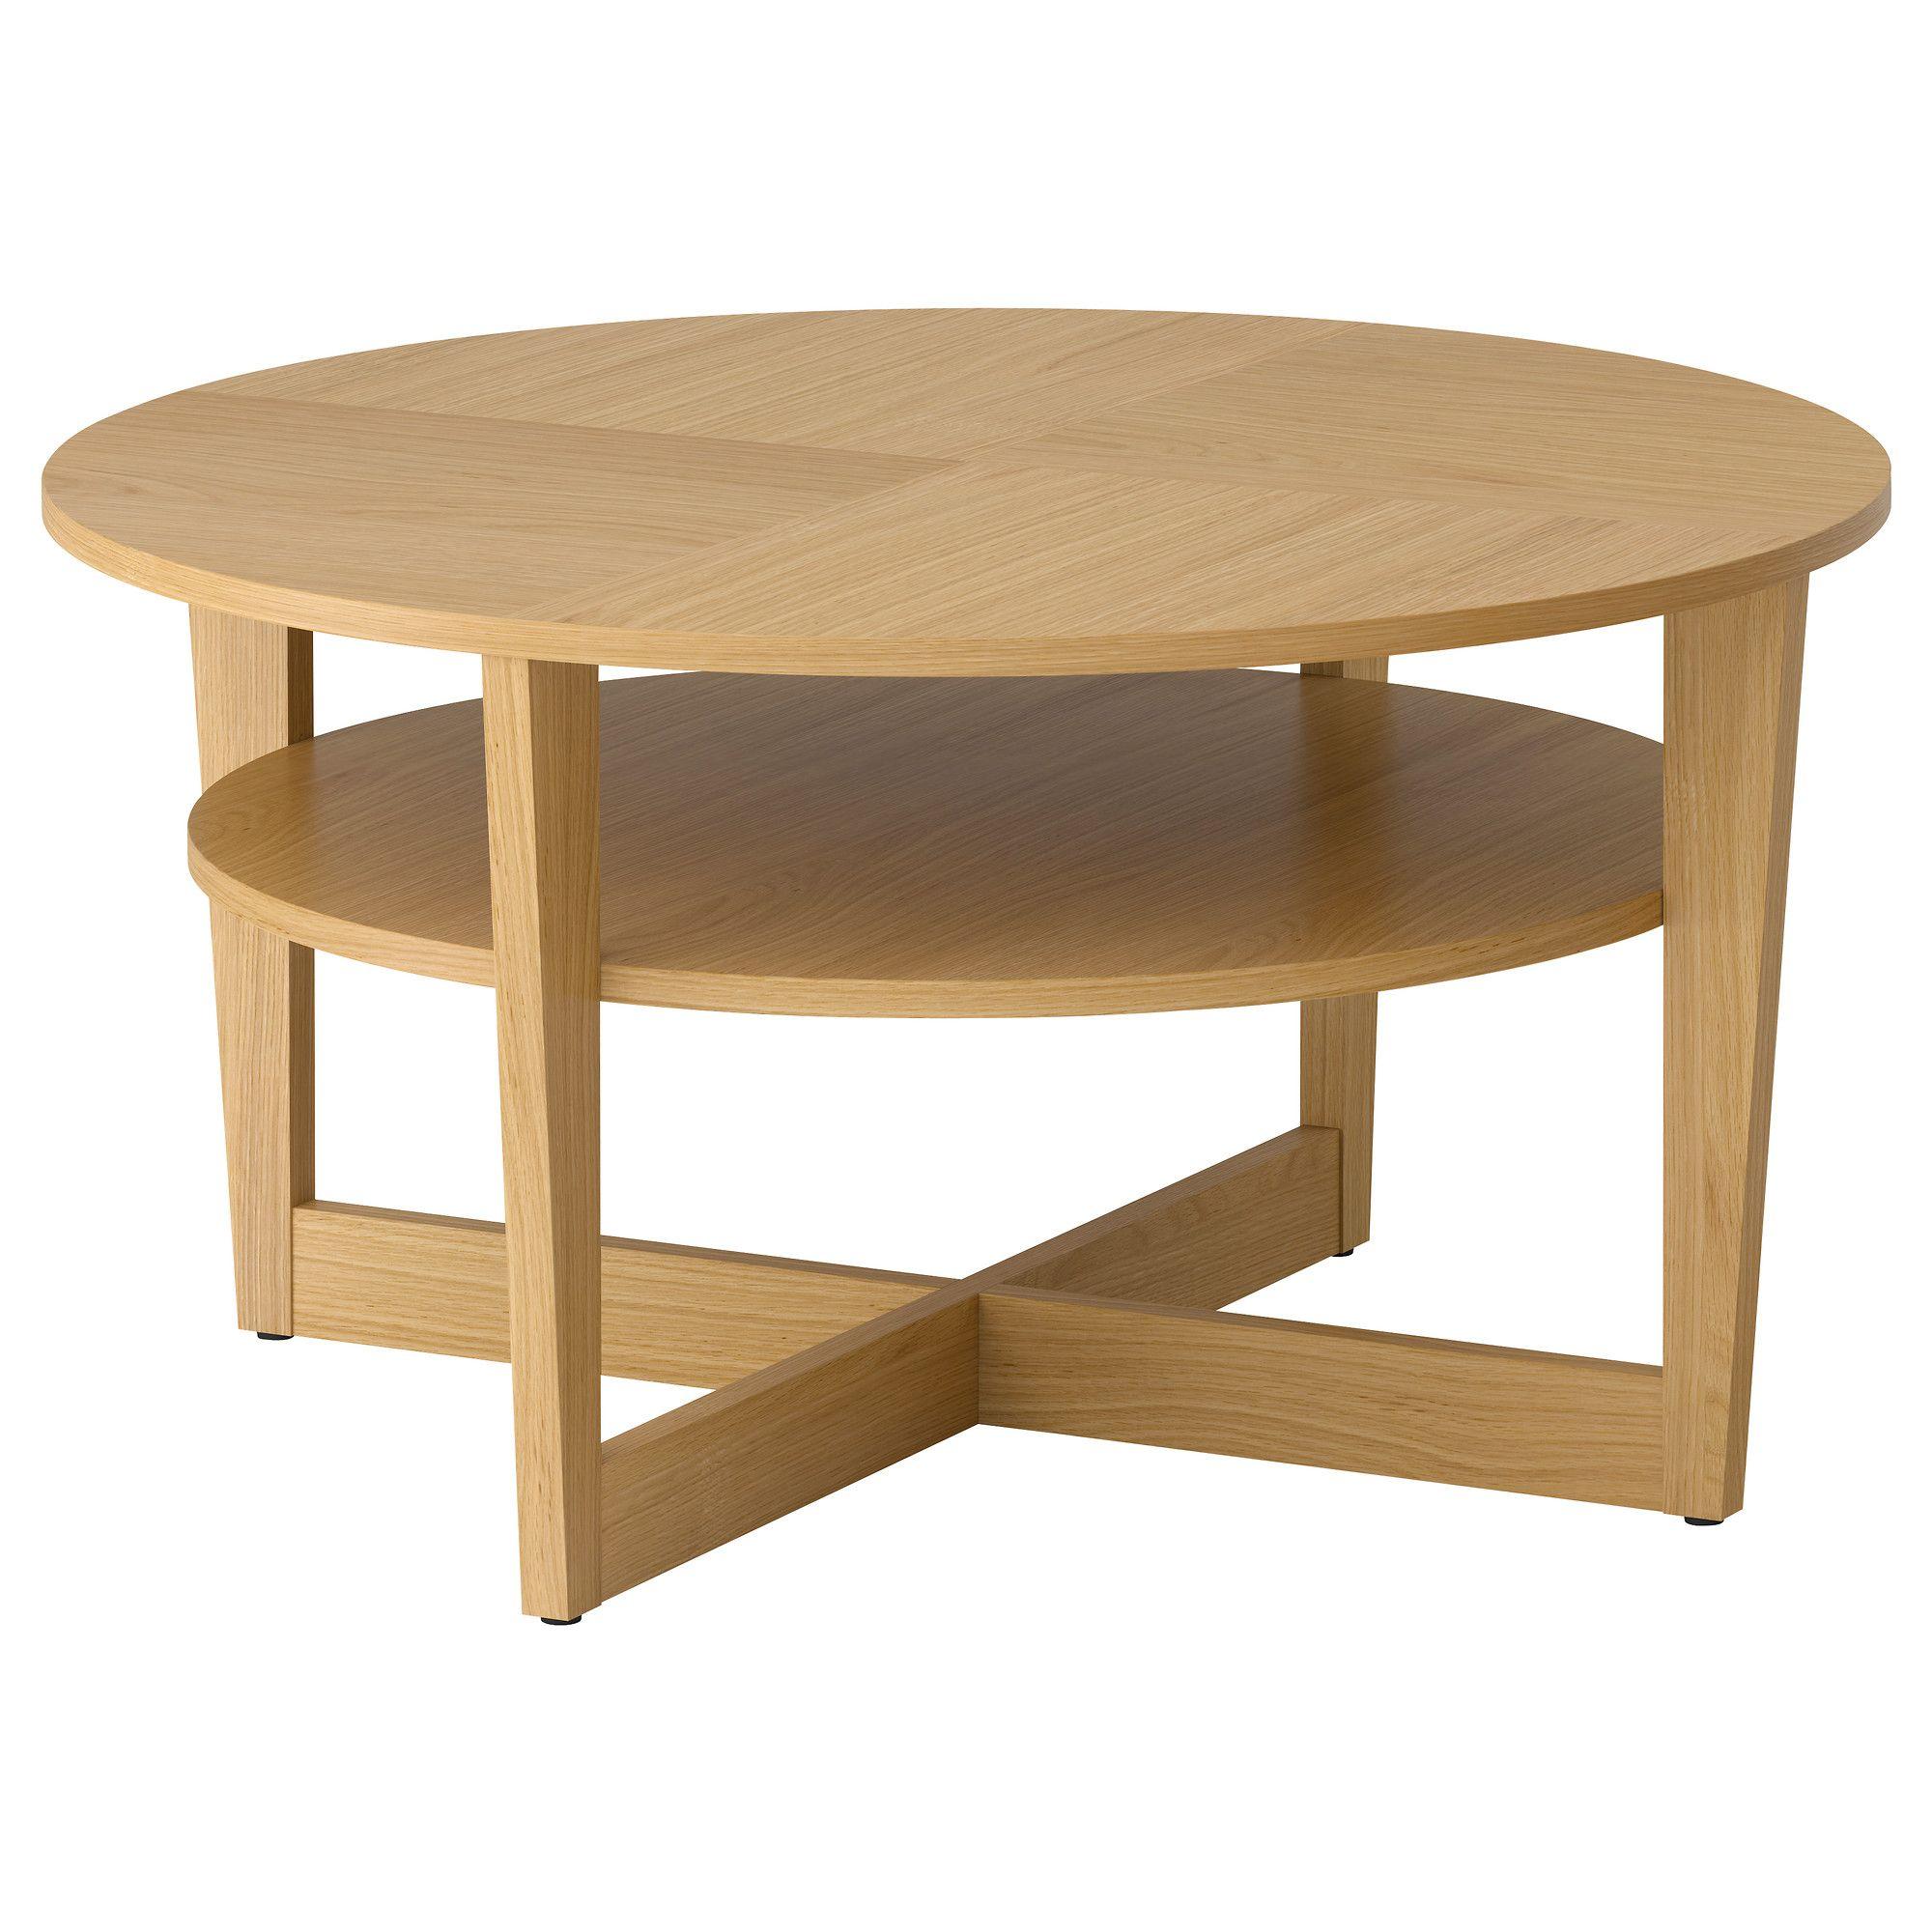 M s de 25 ideas incre bles sobre ikea mesas de centro en for Mesas de centro salon ikea